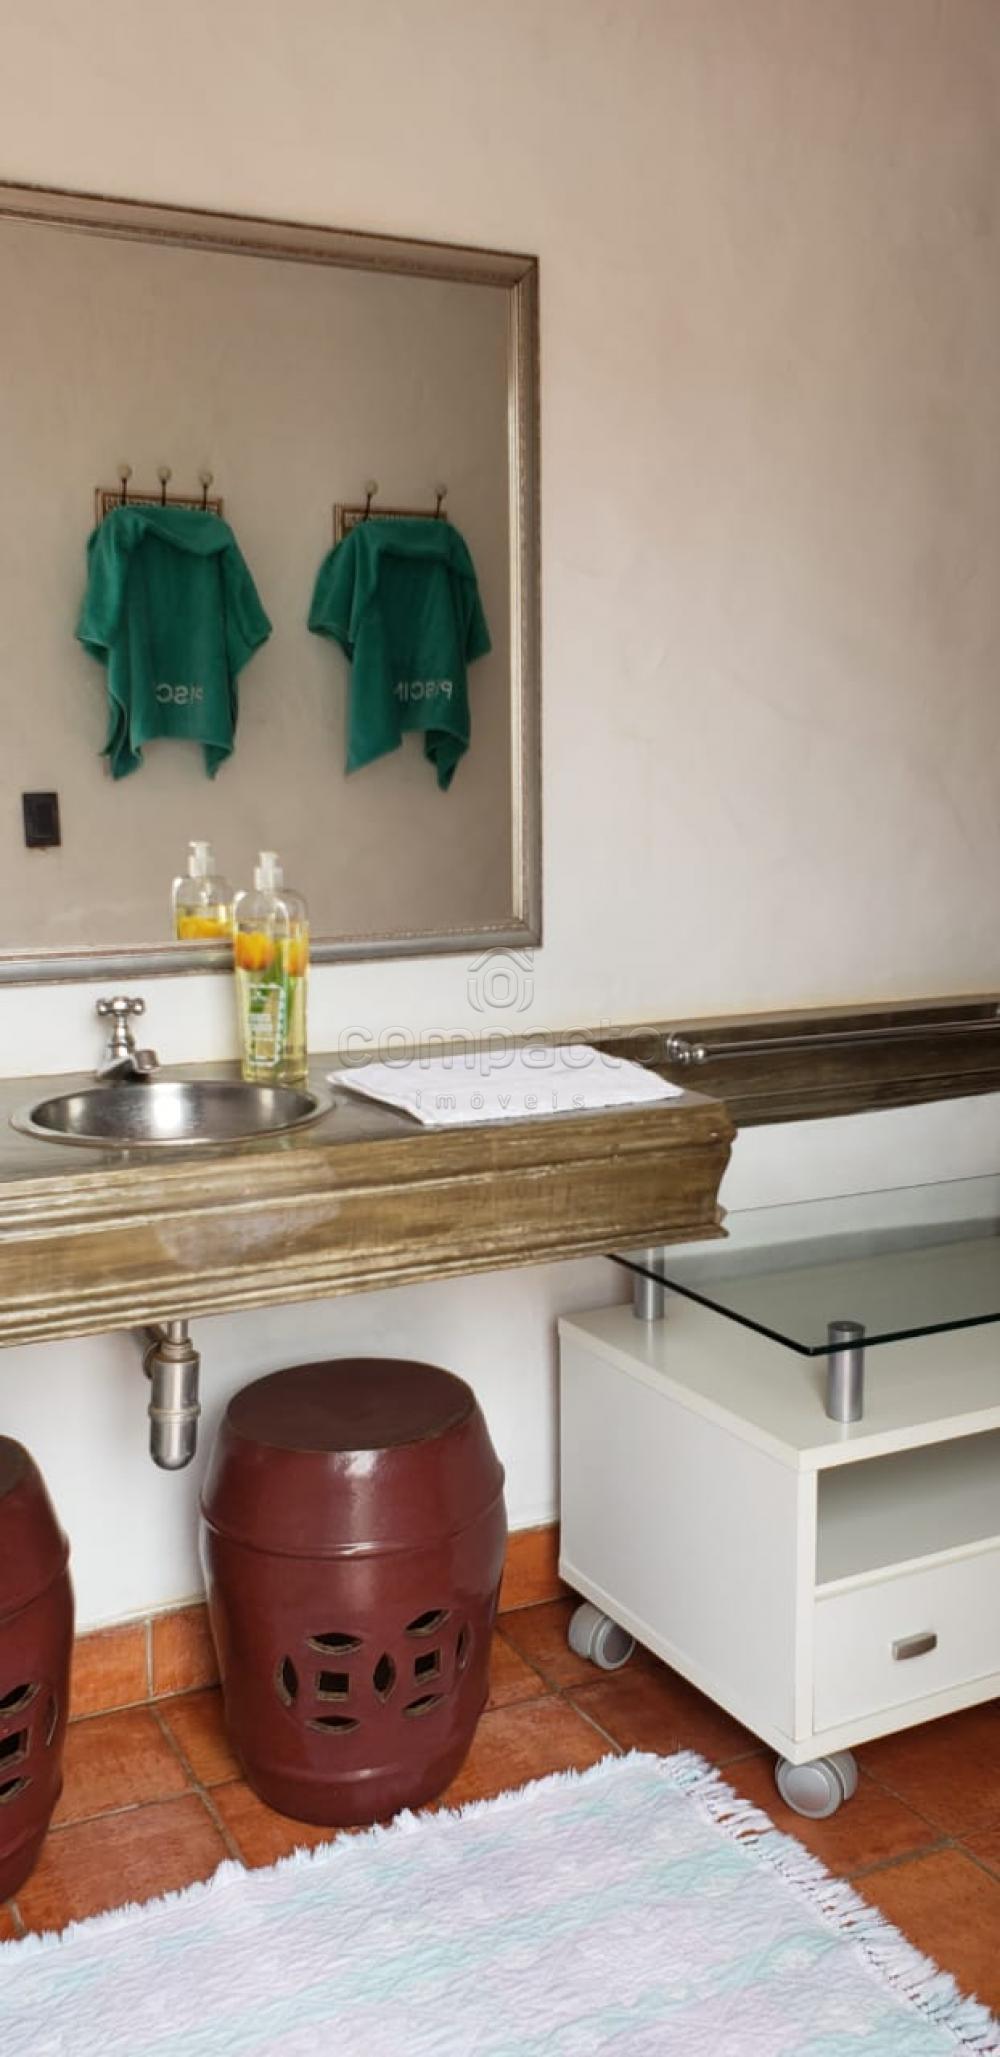 Comprar Casa / Condomínio em São José do Rio Preto apenas R$ 2.500.000,00 - Foto 9